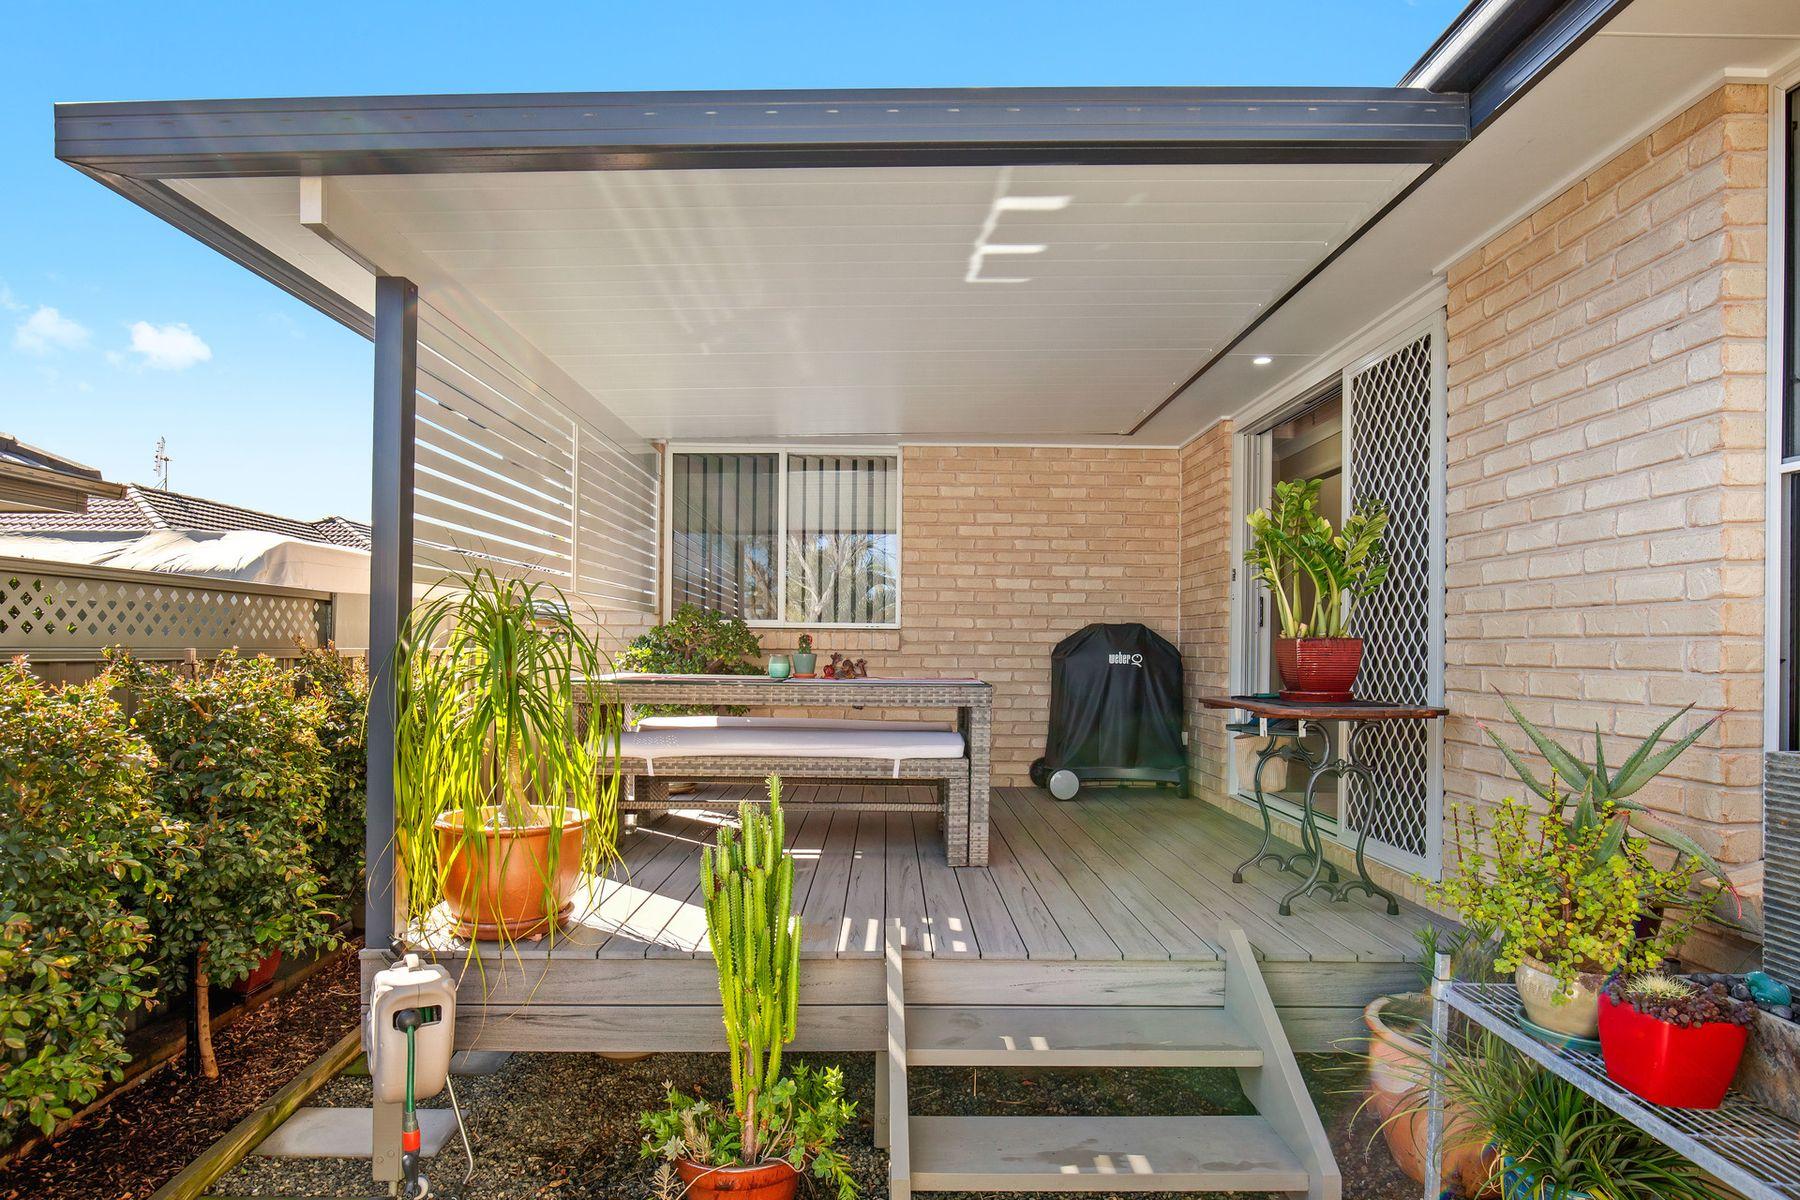 3/39 Walker Street, Warners Bay, NSW 2282